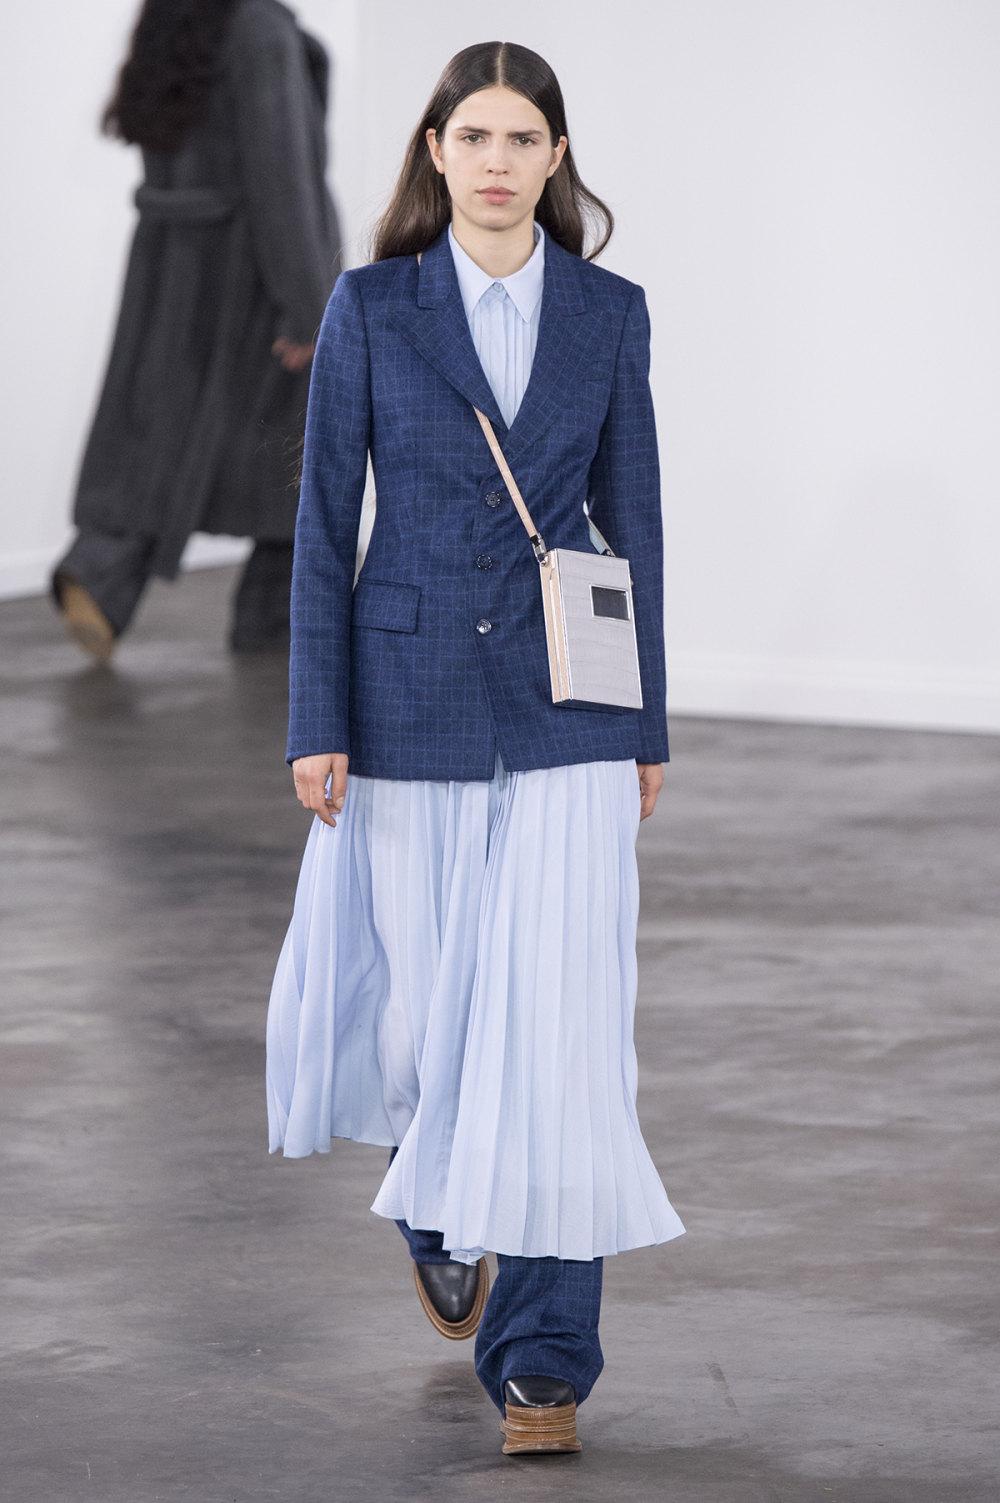 Gabriela Hearst时装系列细条纹西装和宽大毛衣之间形成鲜明对比-16.jpg